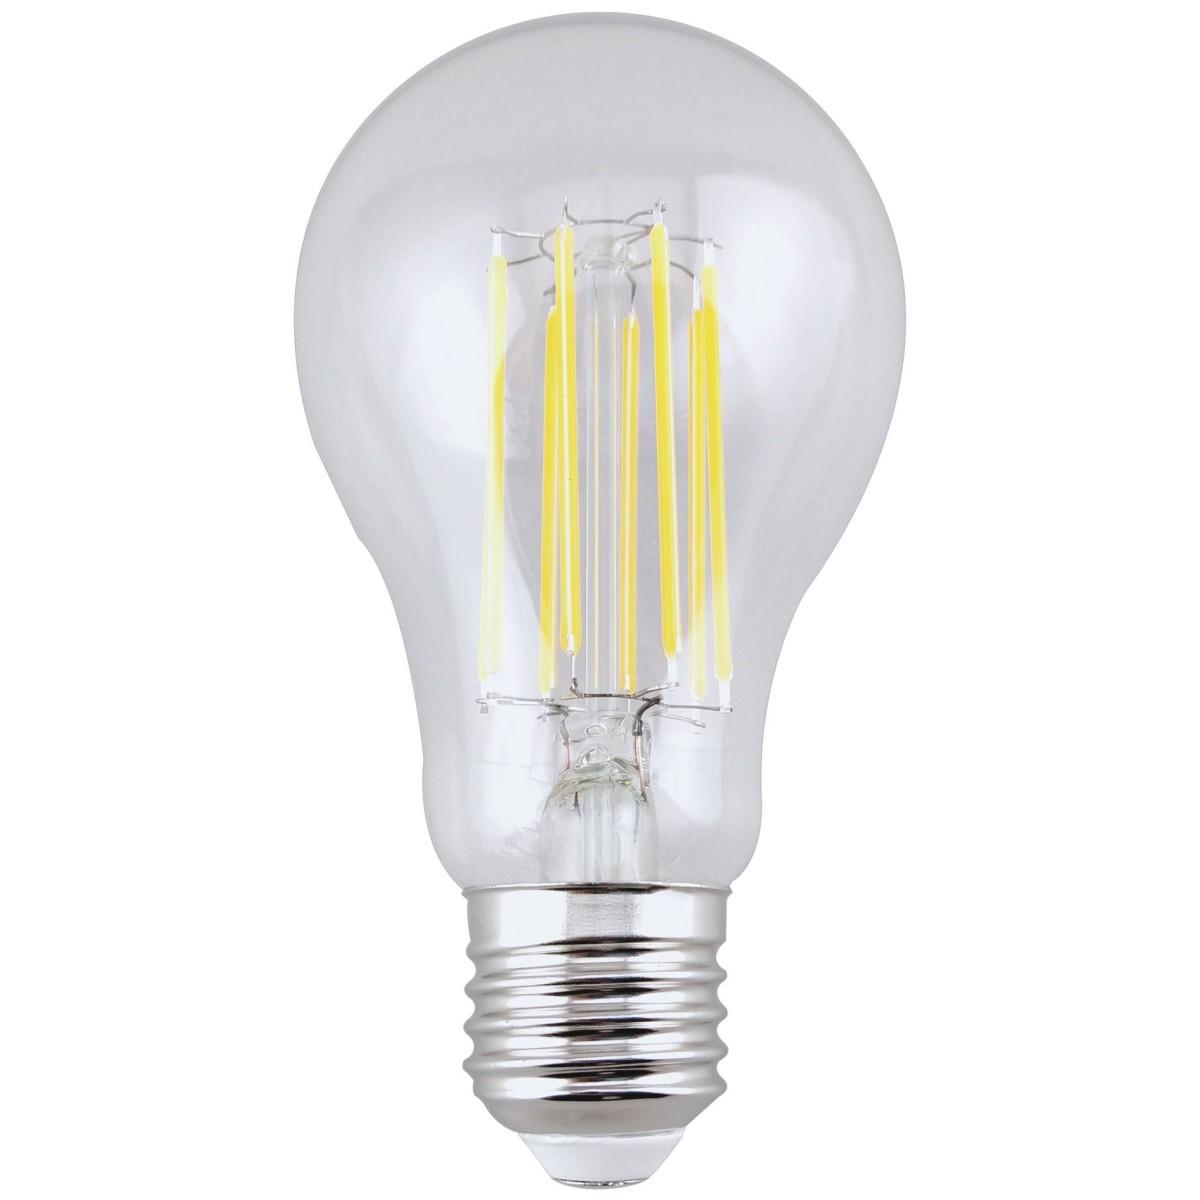 Лампа Ecola Premium светодионая E27 13 Вт груша 1300 Лм нейтральный свет